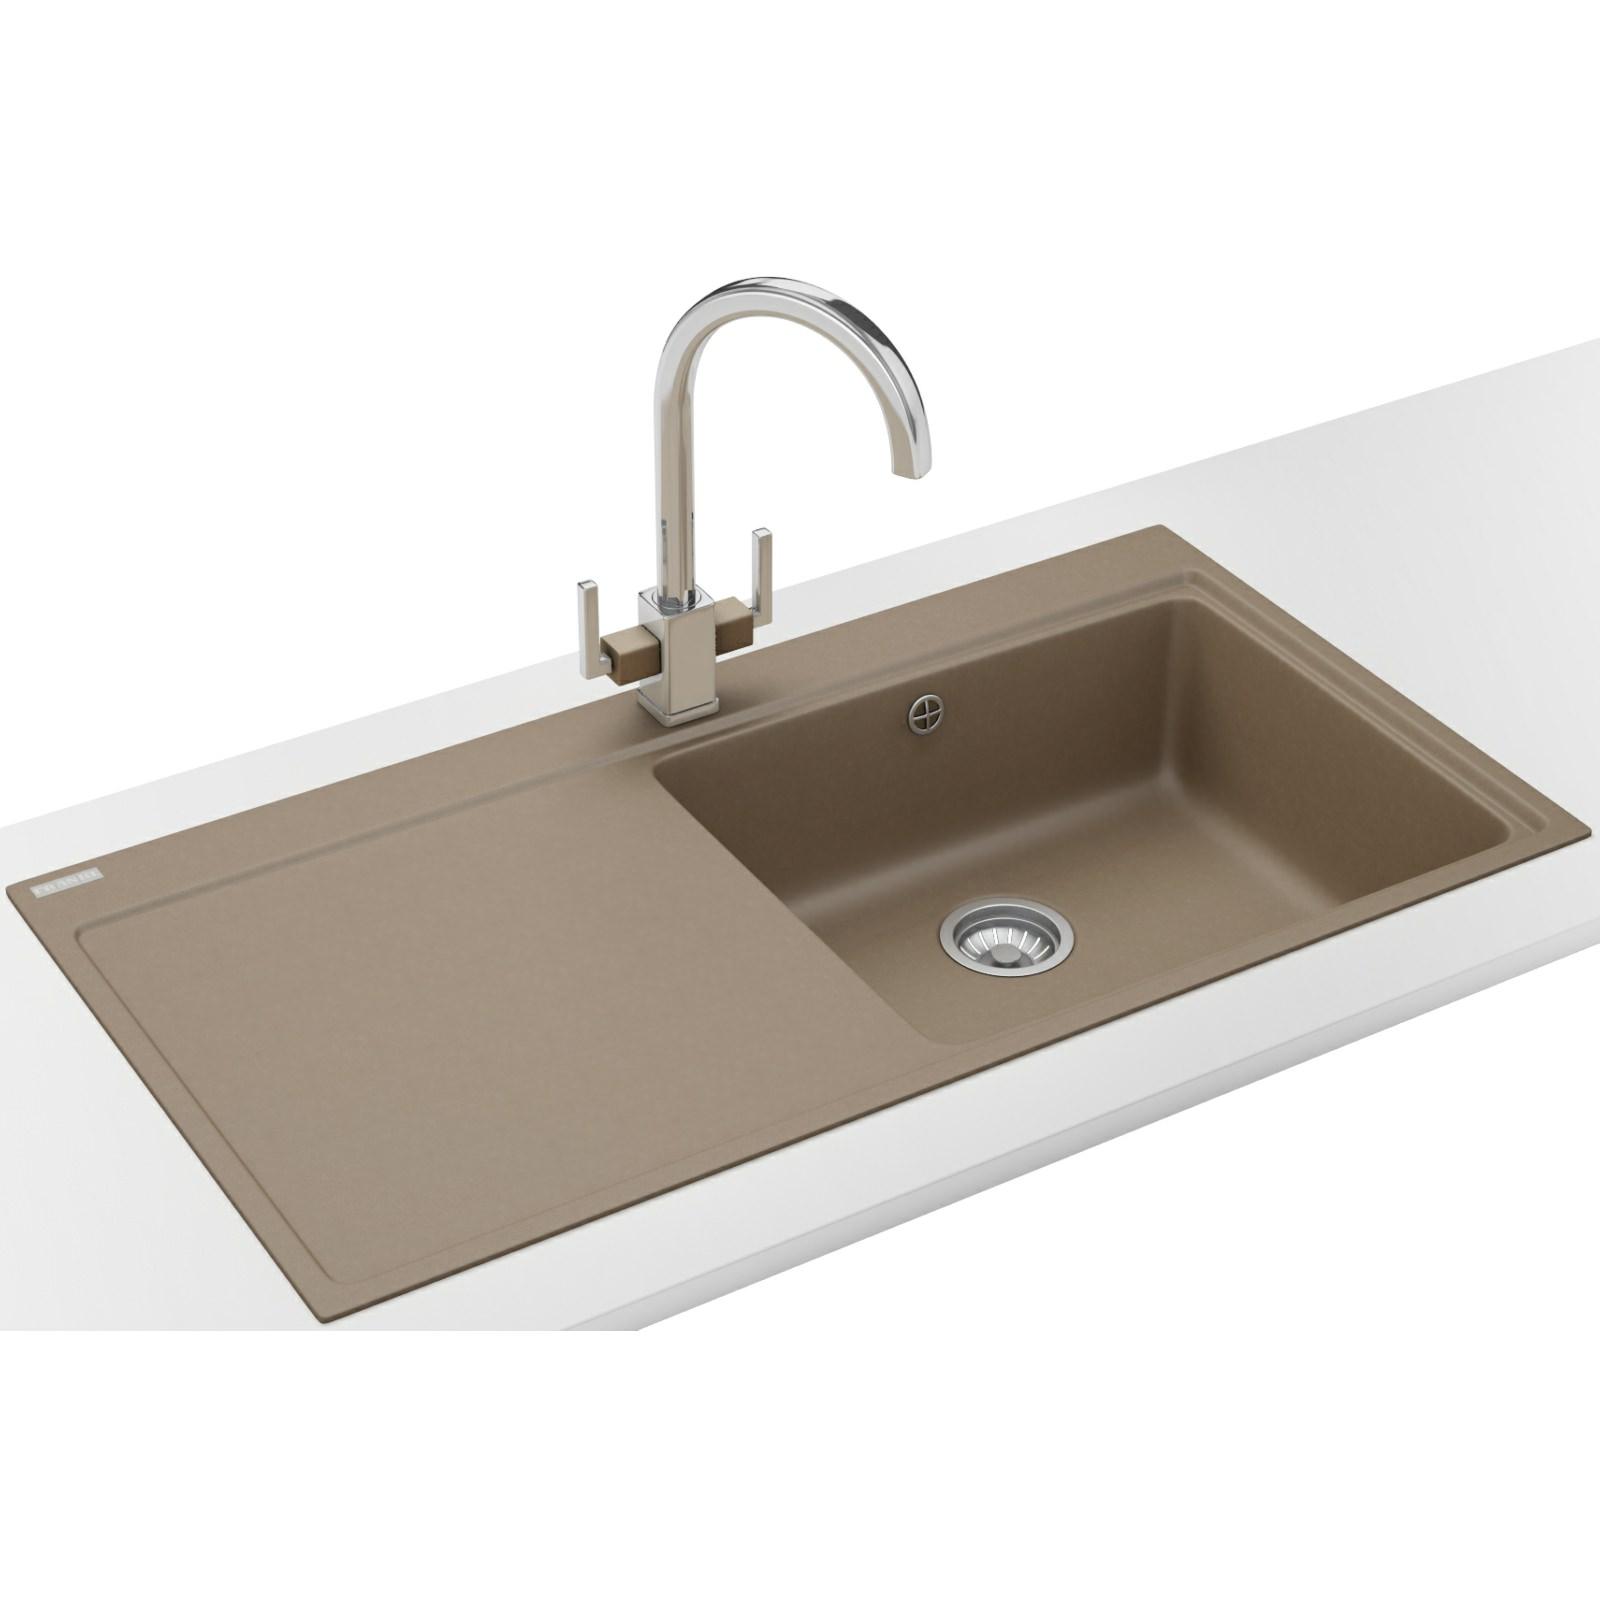 Franke Mythos Sink And Tap Pack : Franke Mythos Designer Pack MTG 611 Fragranite Oyster Sink And Tap ...